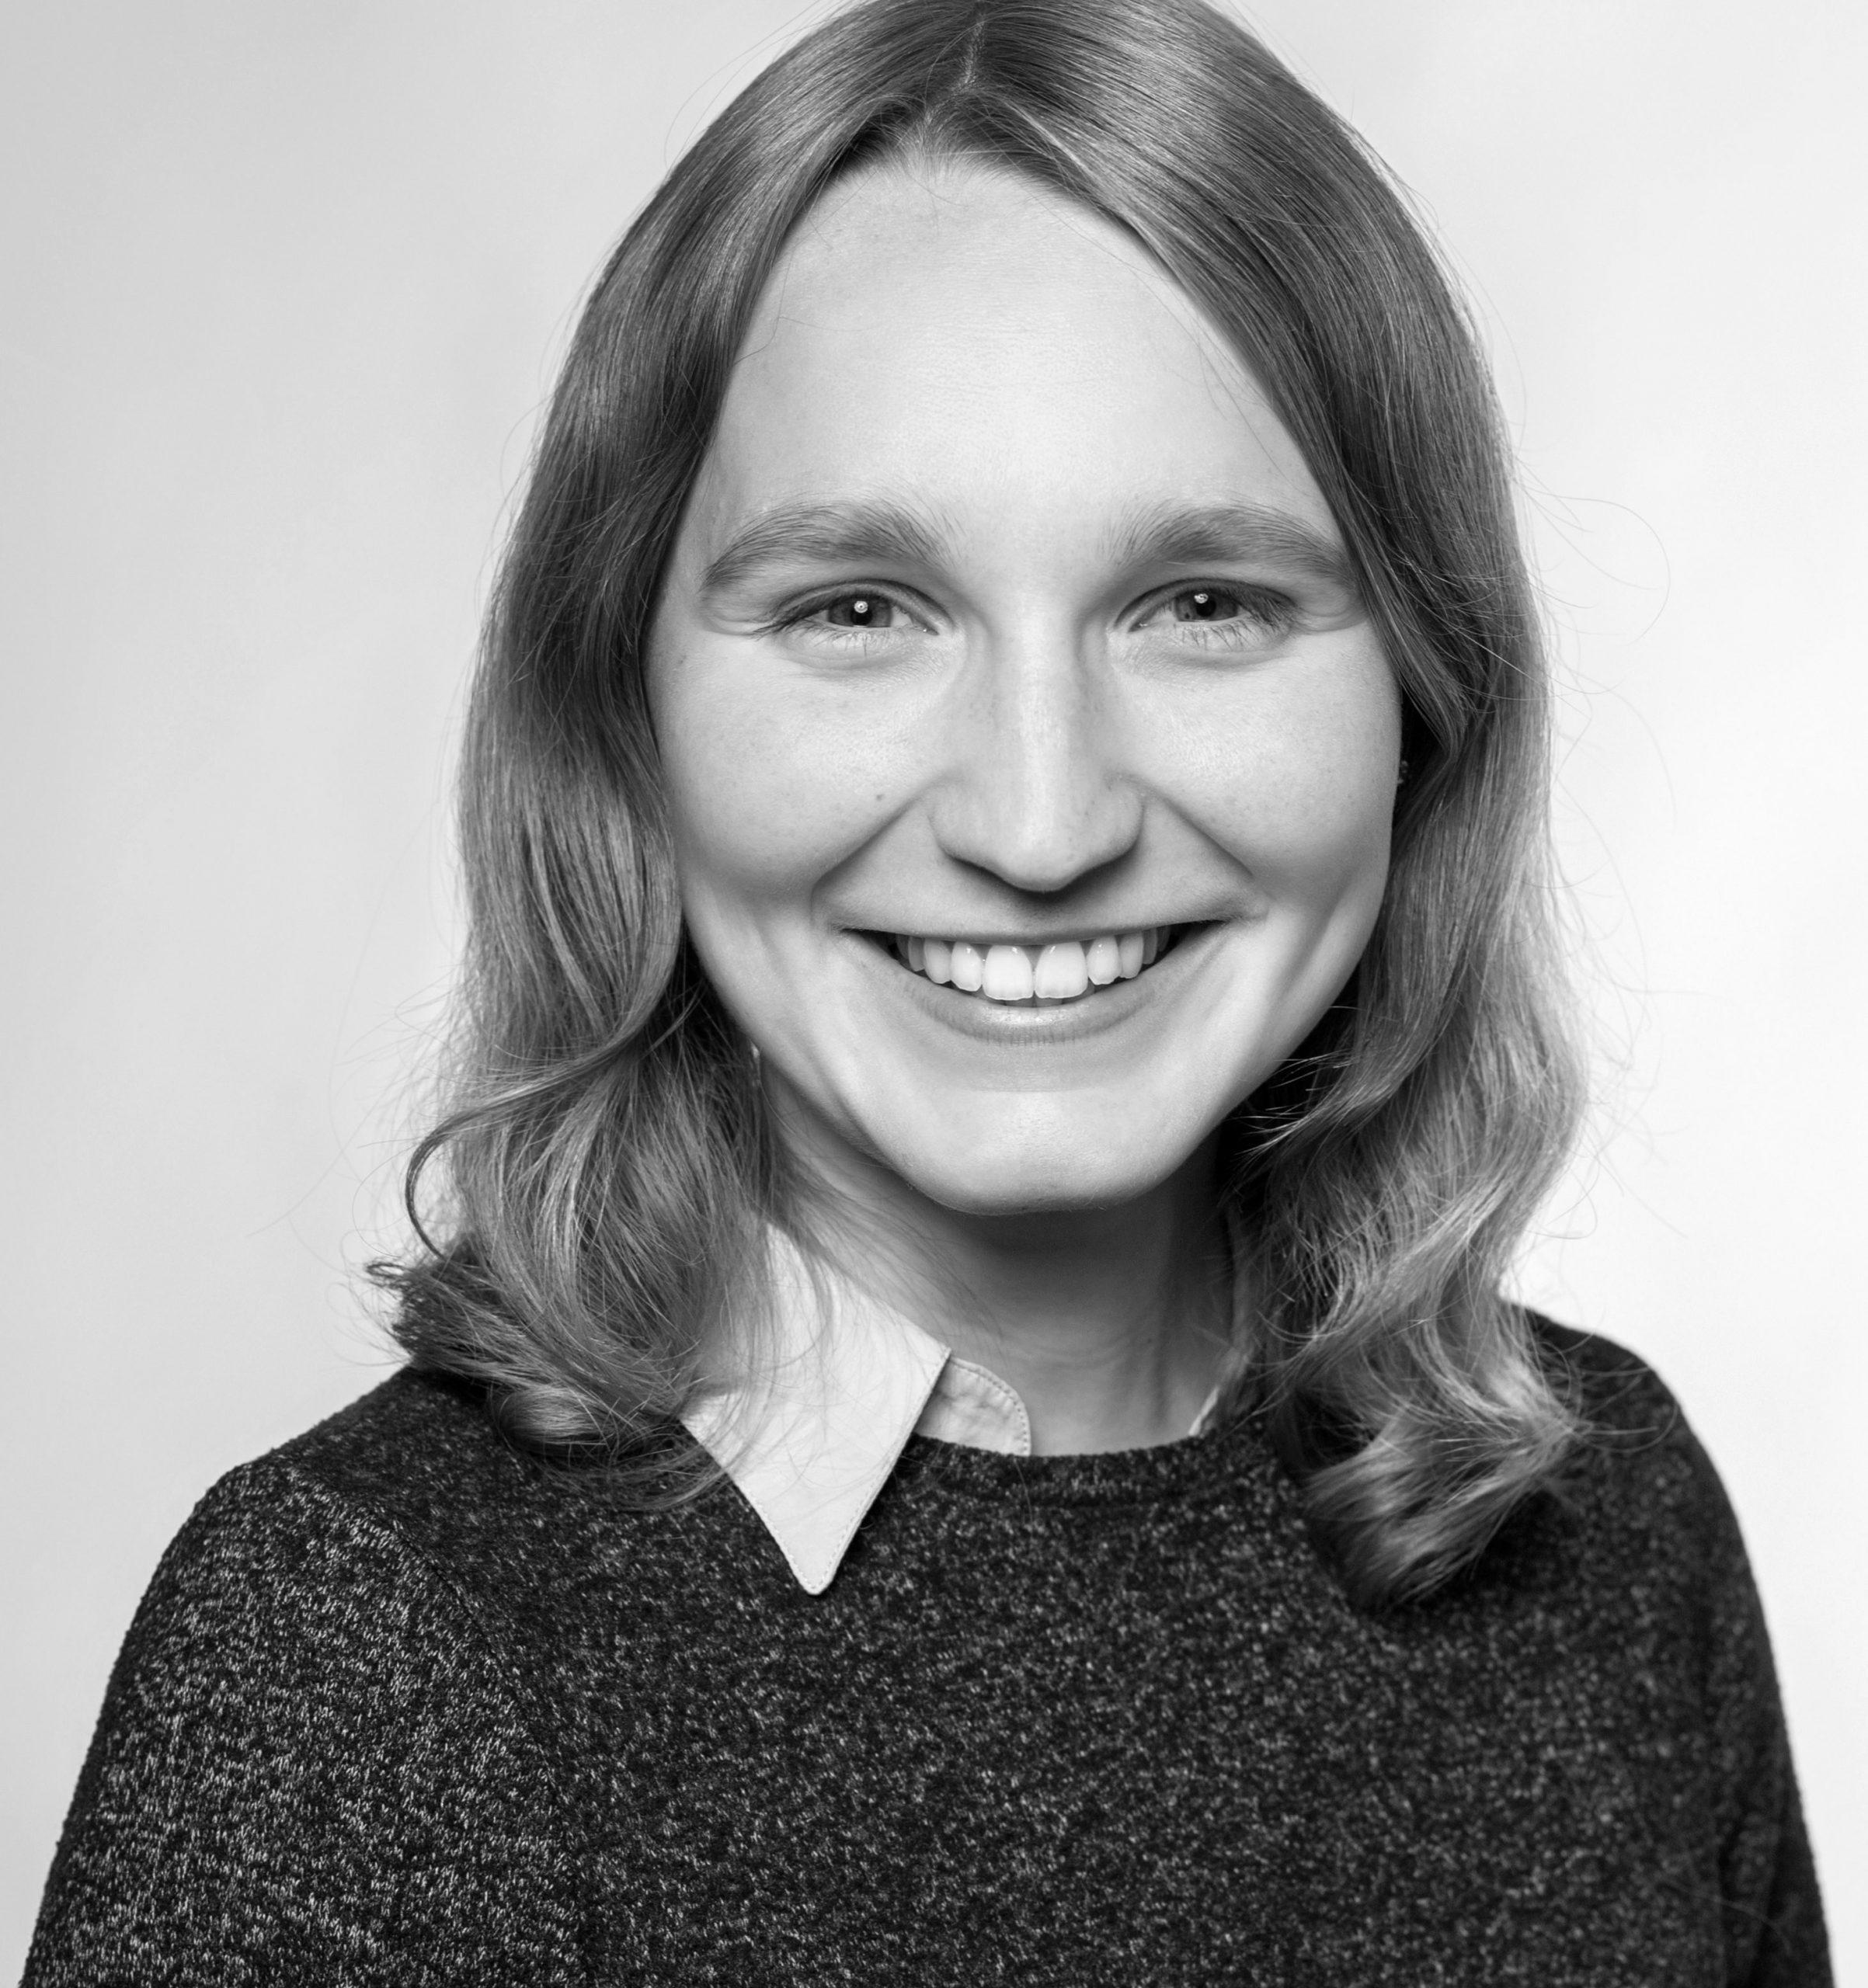 Annika Stuke